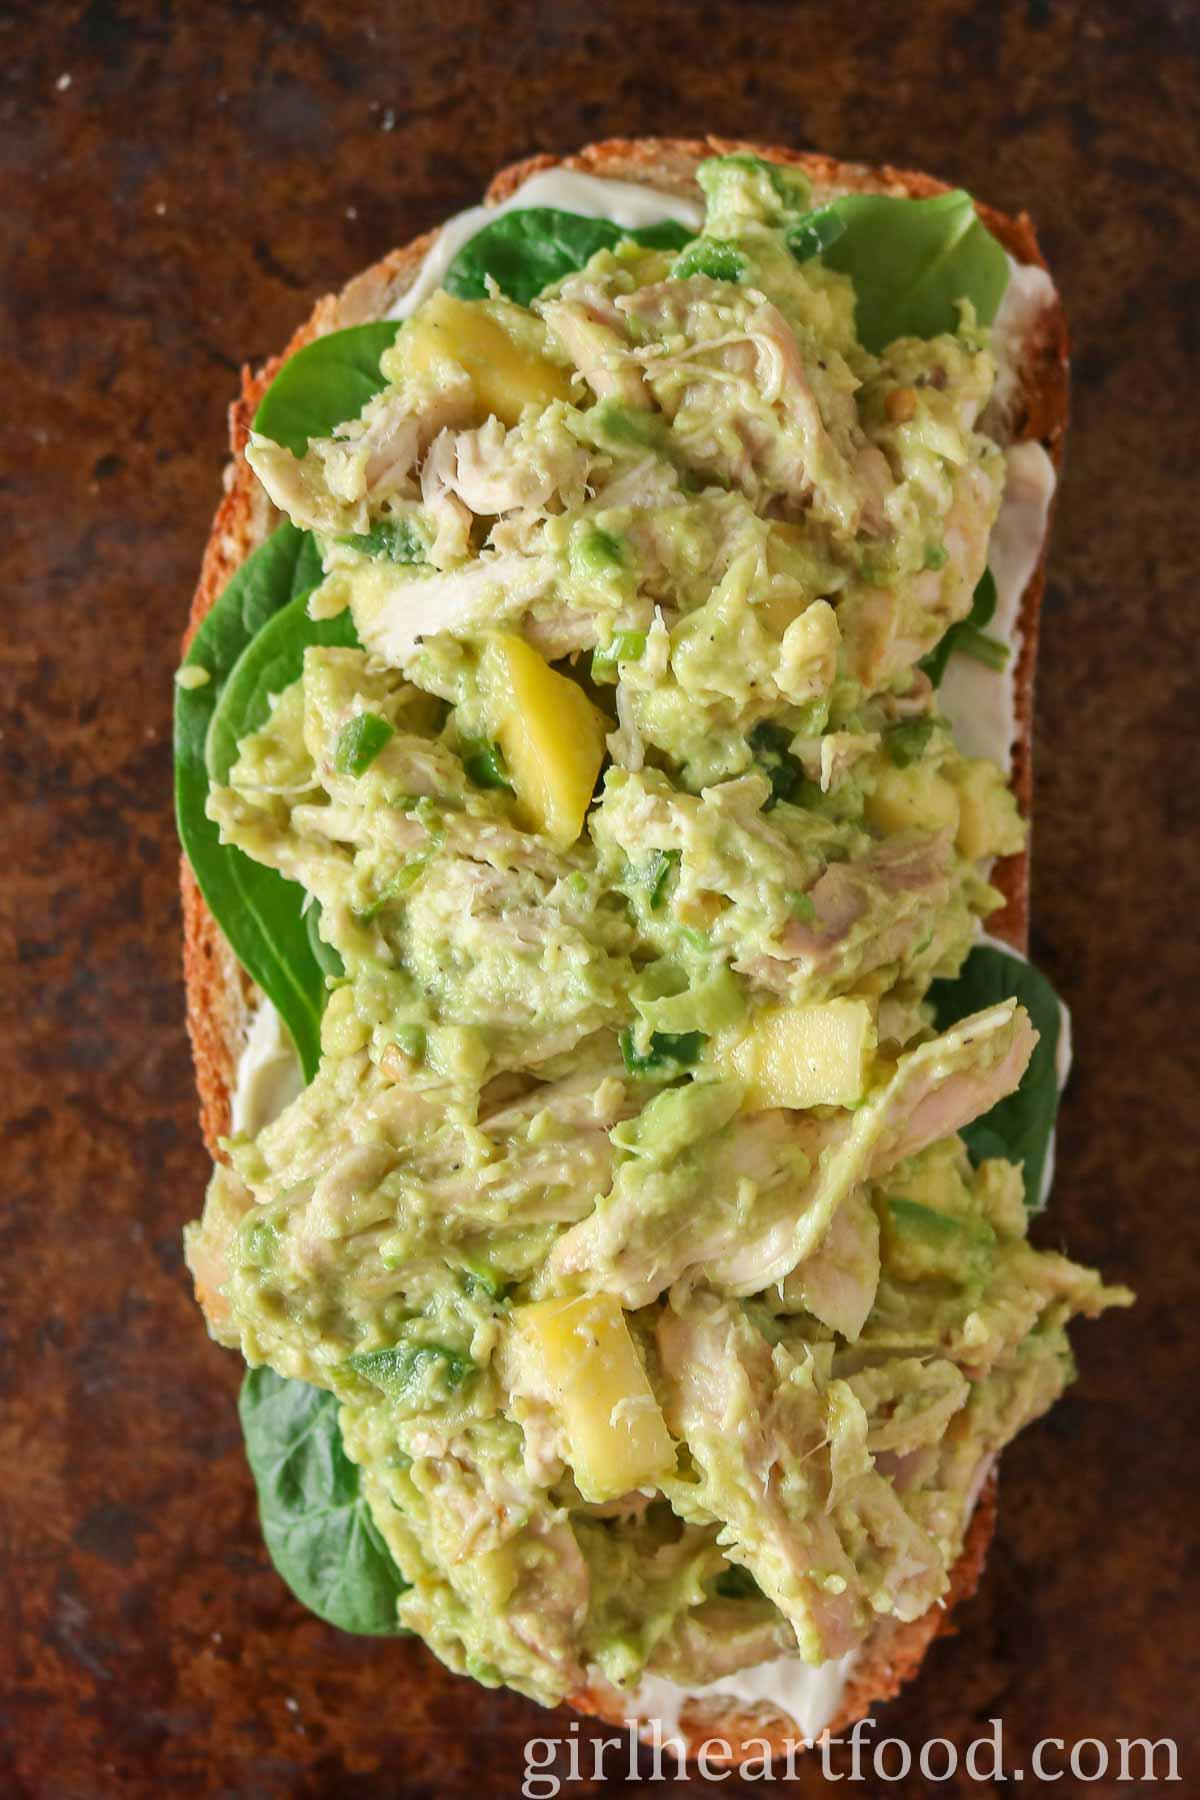 Chicken avocado salad mixture on top of a slice of bread.